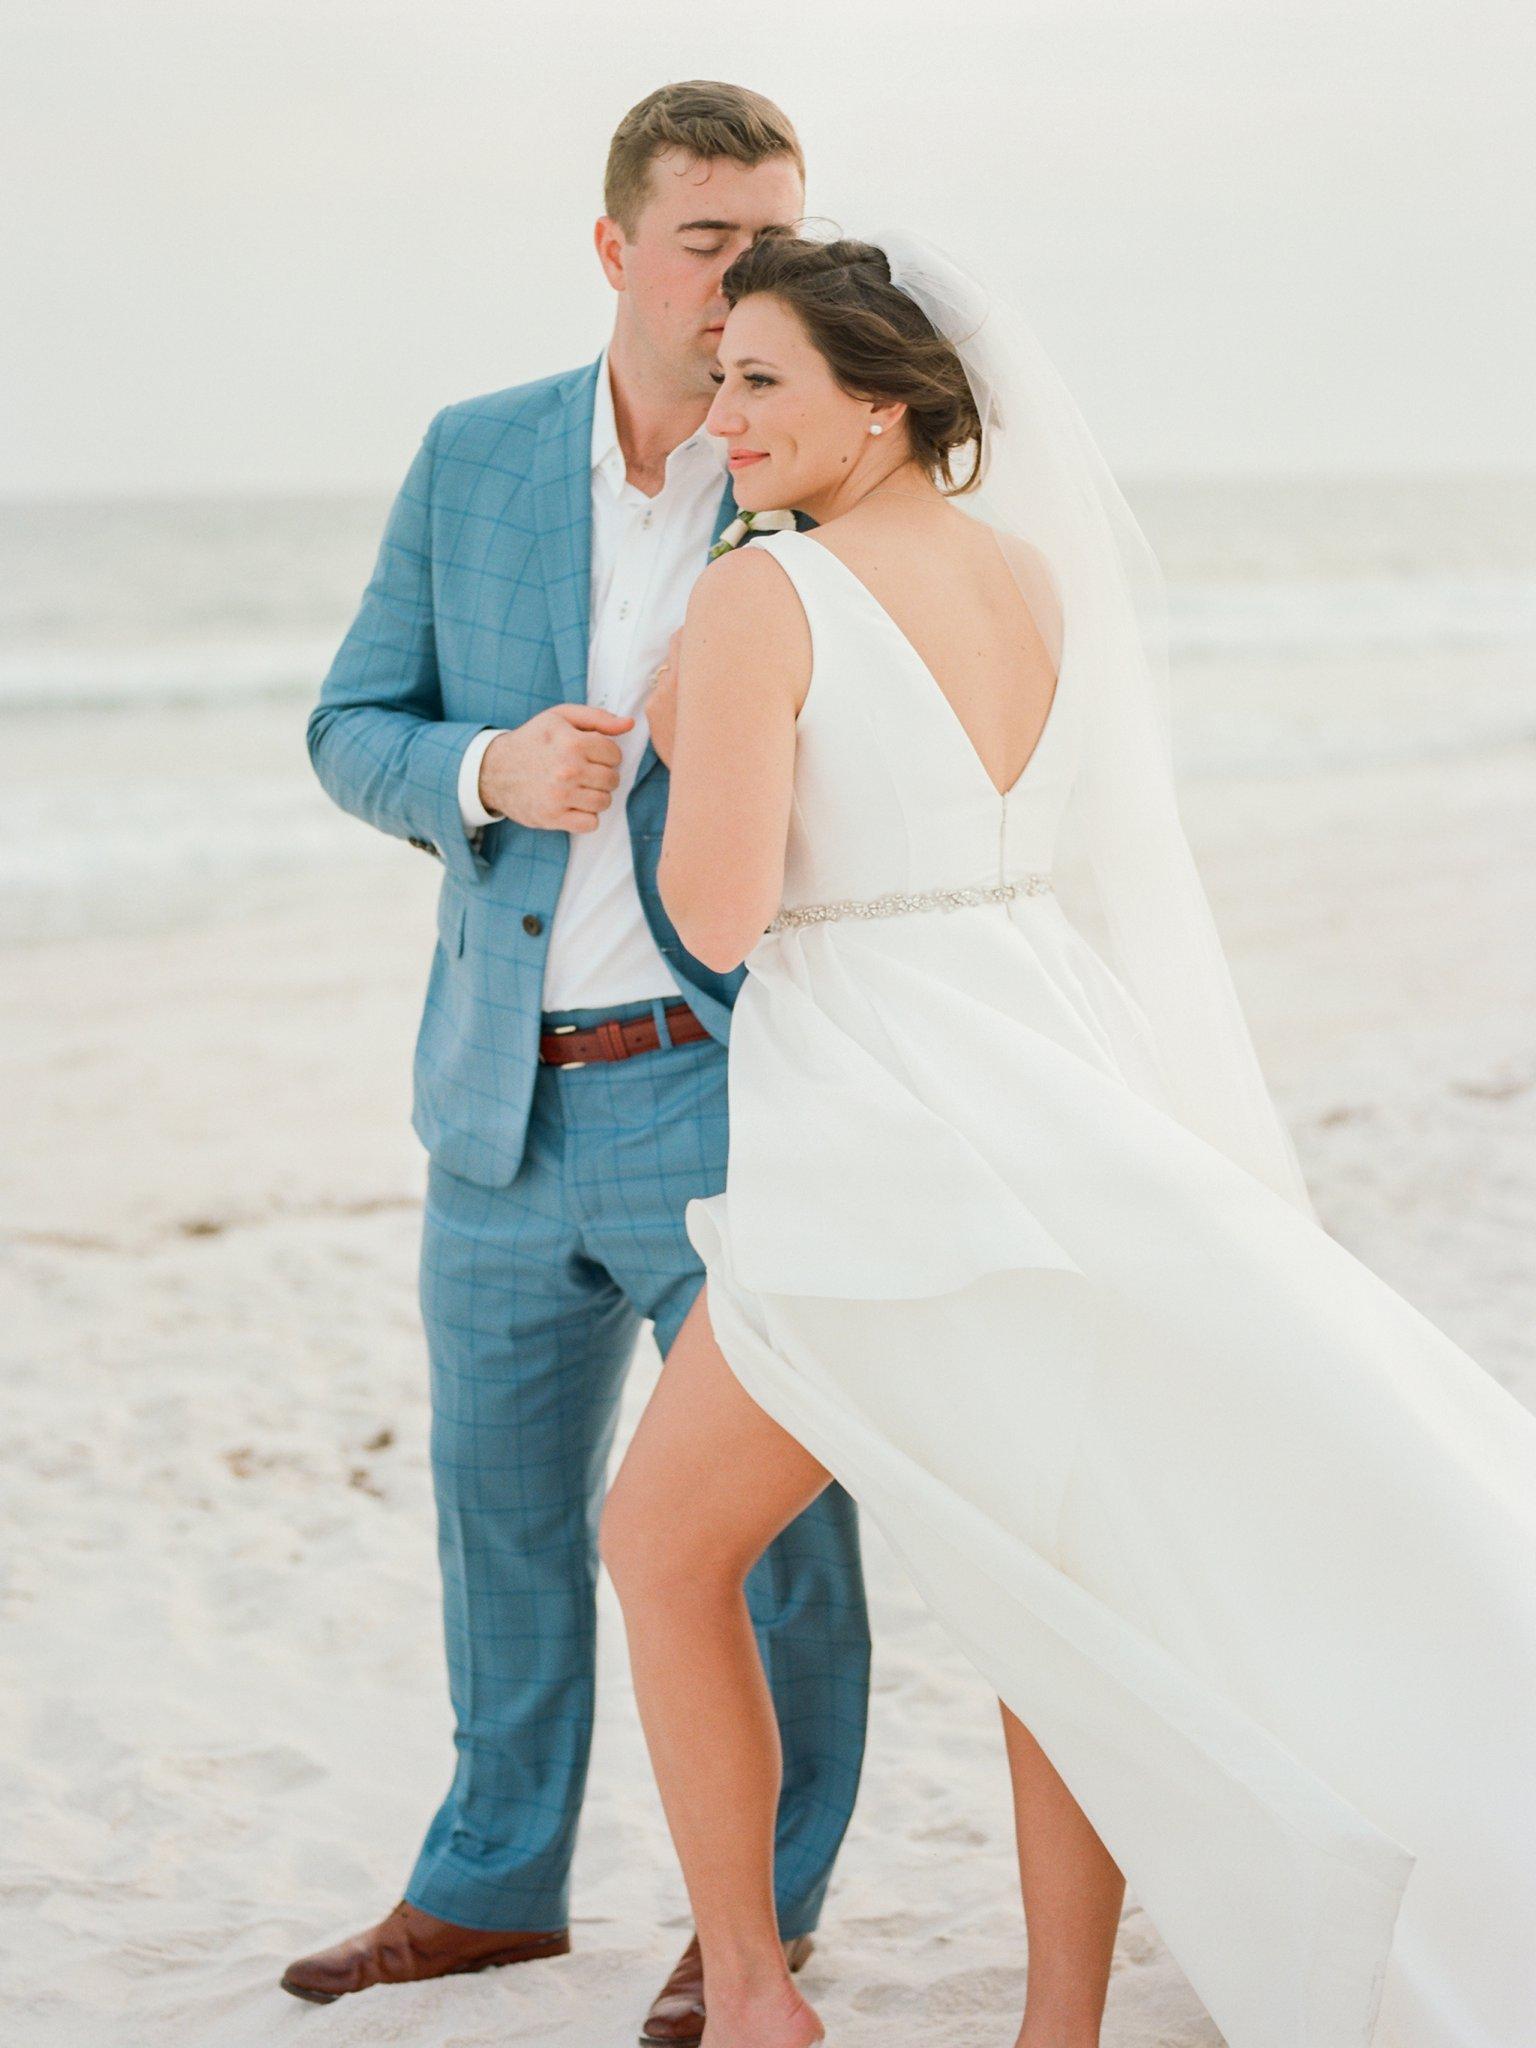 carillon beach wedding photographer shannon griffin photographer_0081.jpg